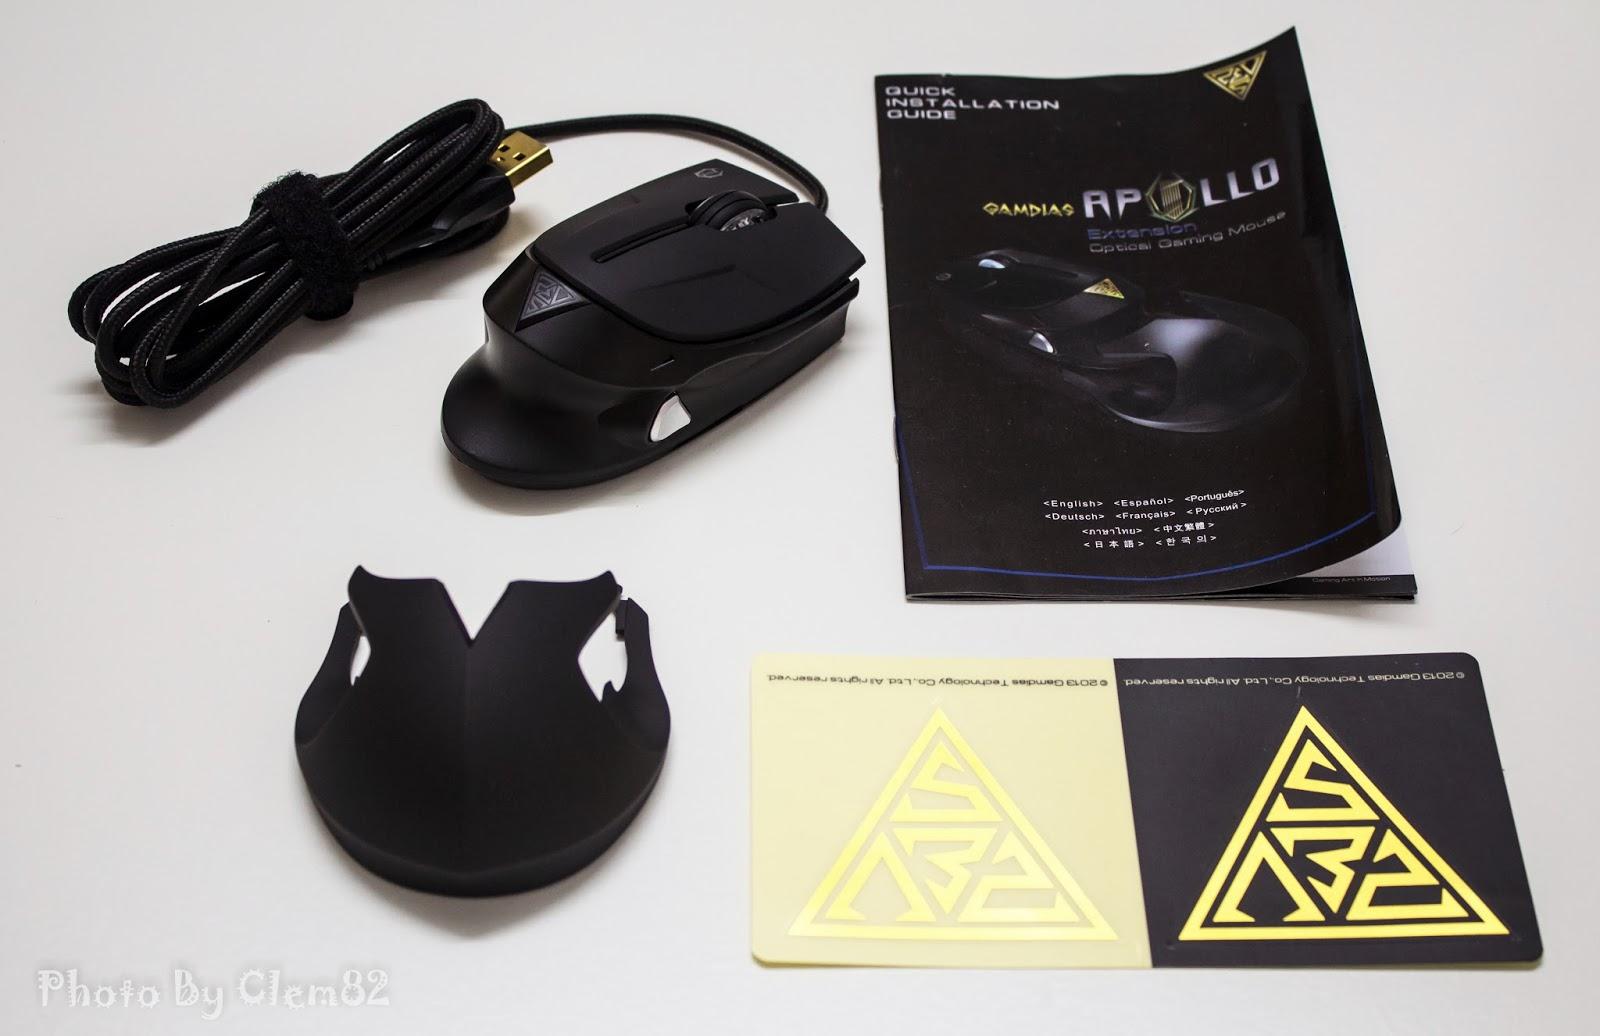 Gamdias Apollo Extension Optical Gaming Mouse 58